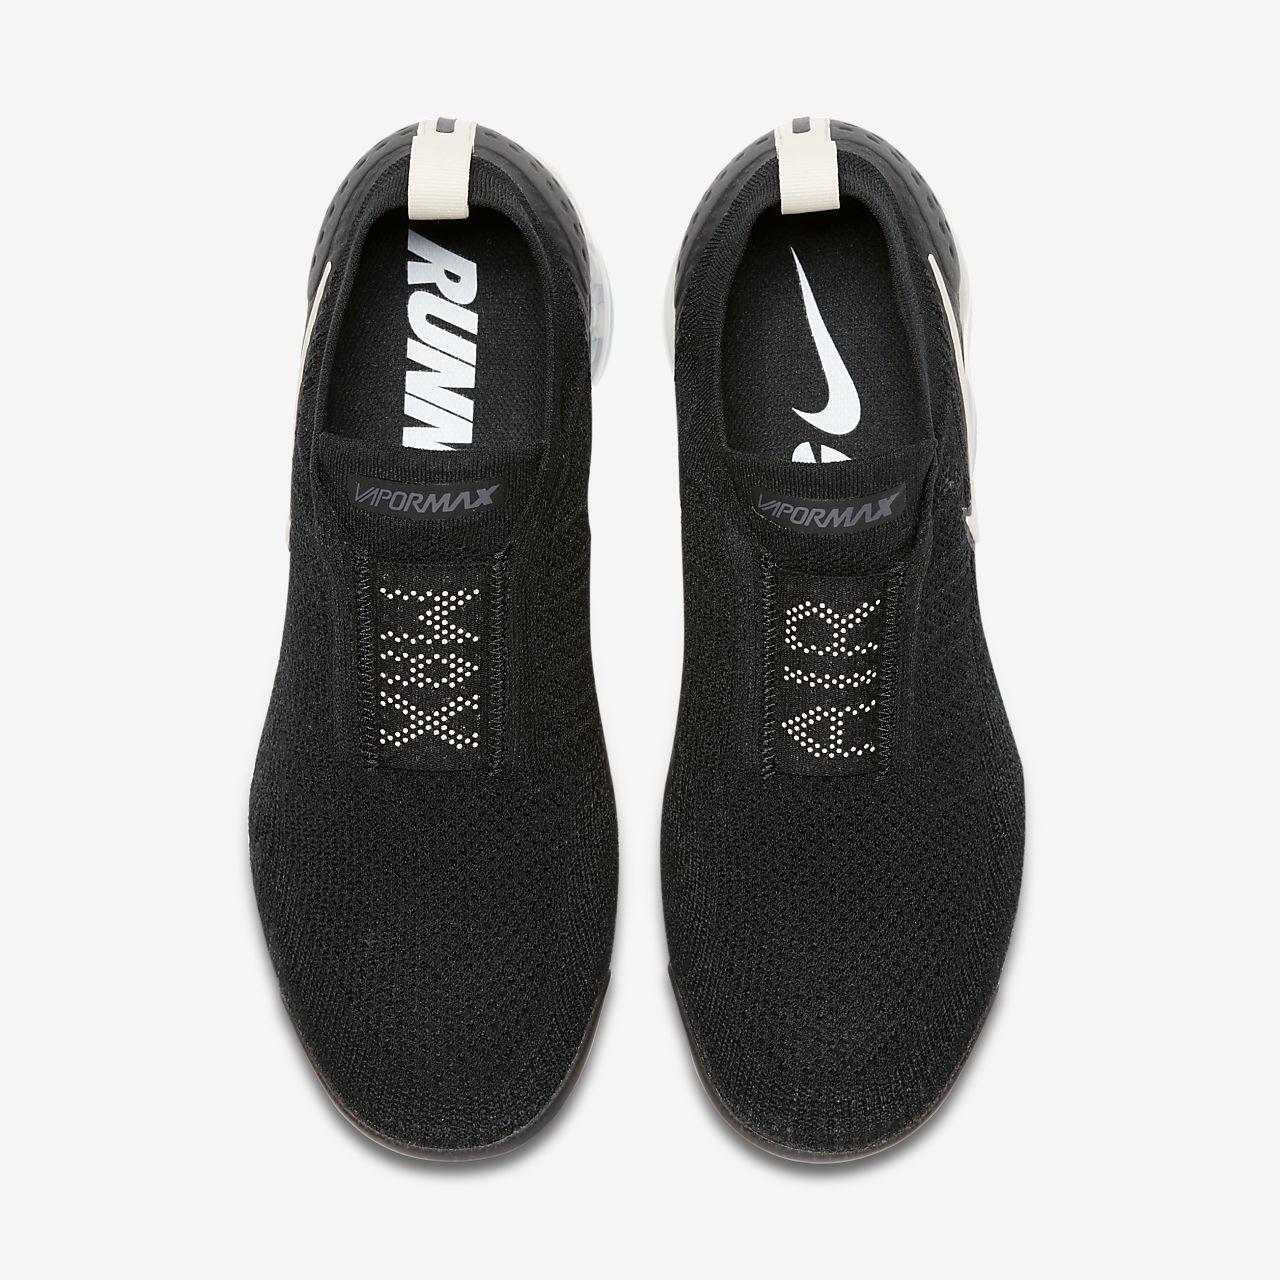 829d540d03a Nike Air VaporMax Flyknit Moc 2 Shoe. Nike.com AU